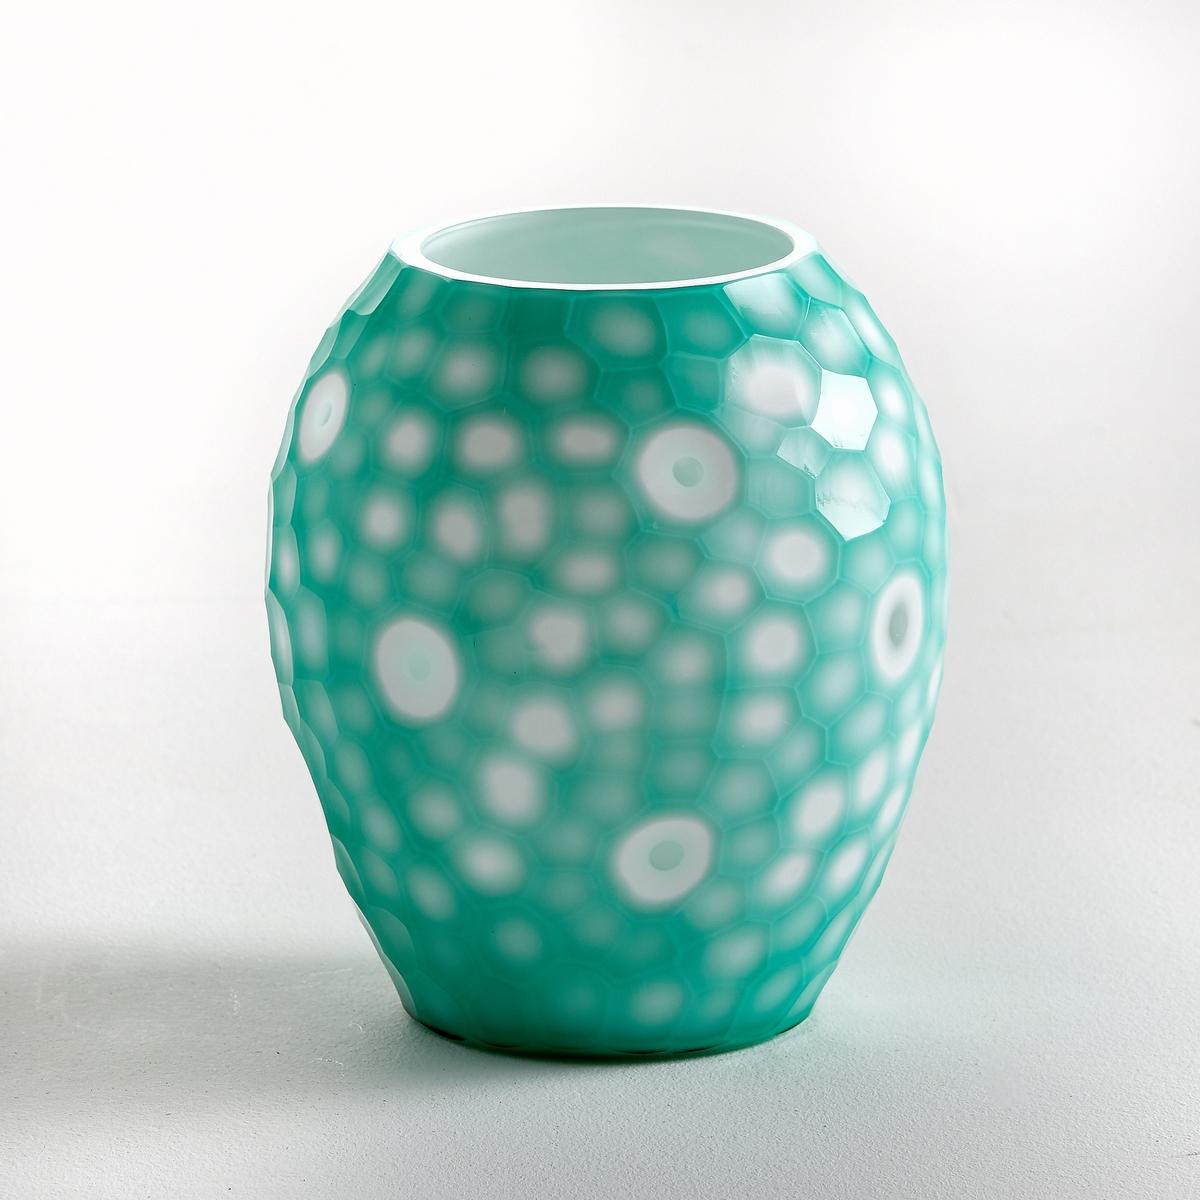 Ваза из опалового стекла Eliseum, малый размер homereligion ваза подсвечник серебрянная из стекла